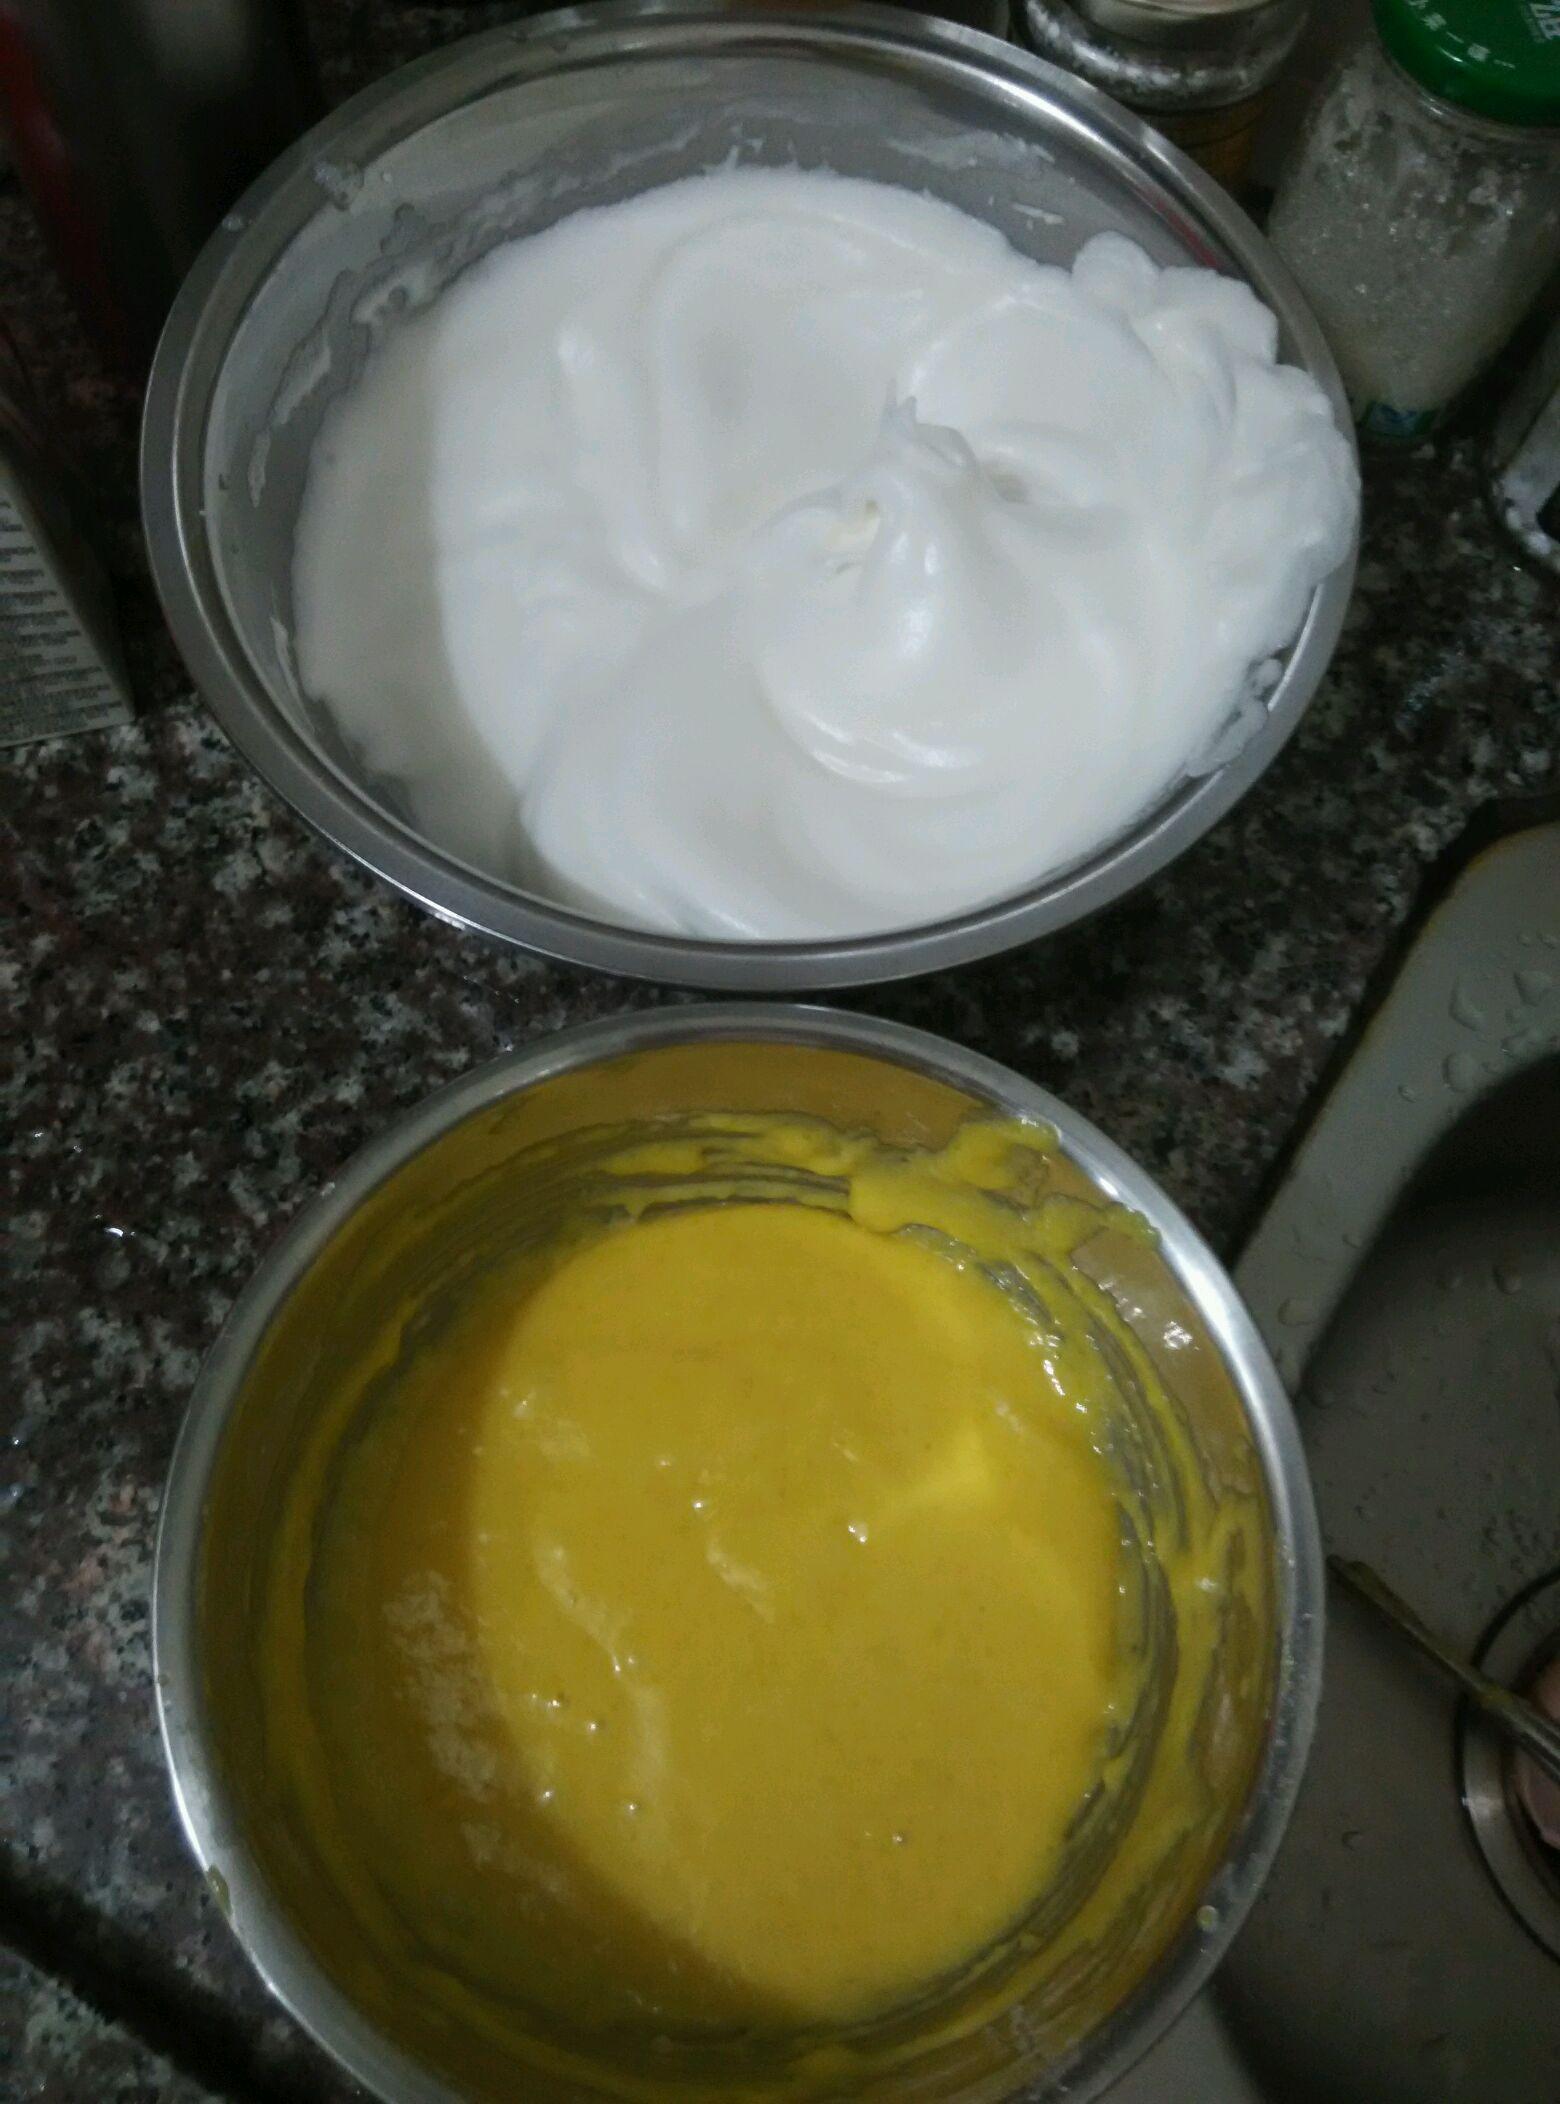 电饭煲蛋糕的做法步骤